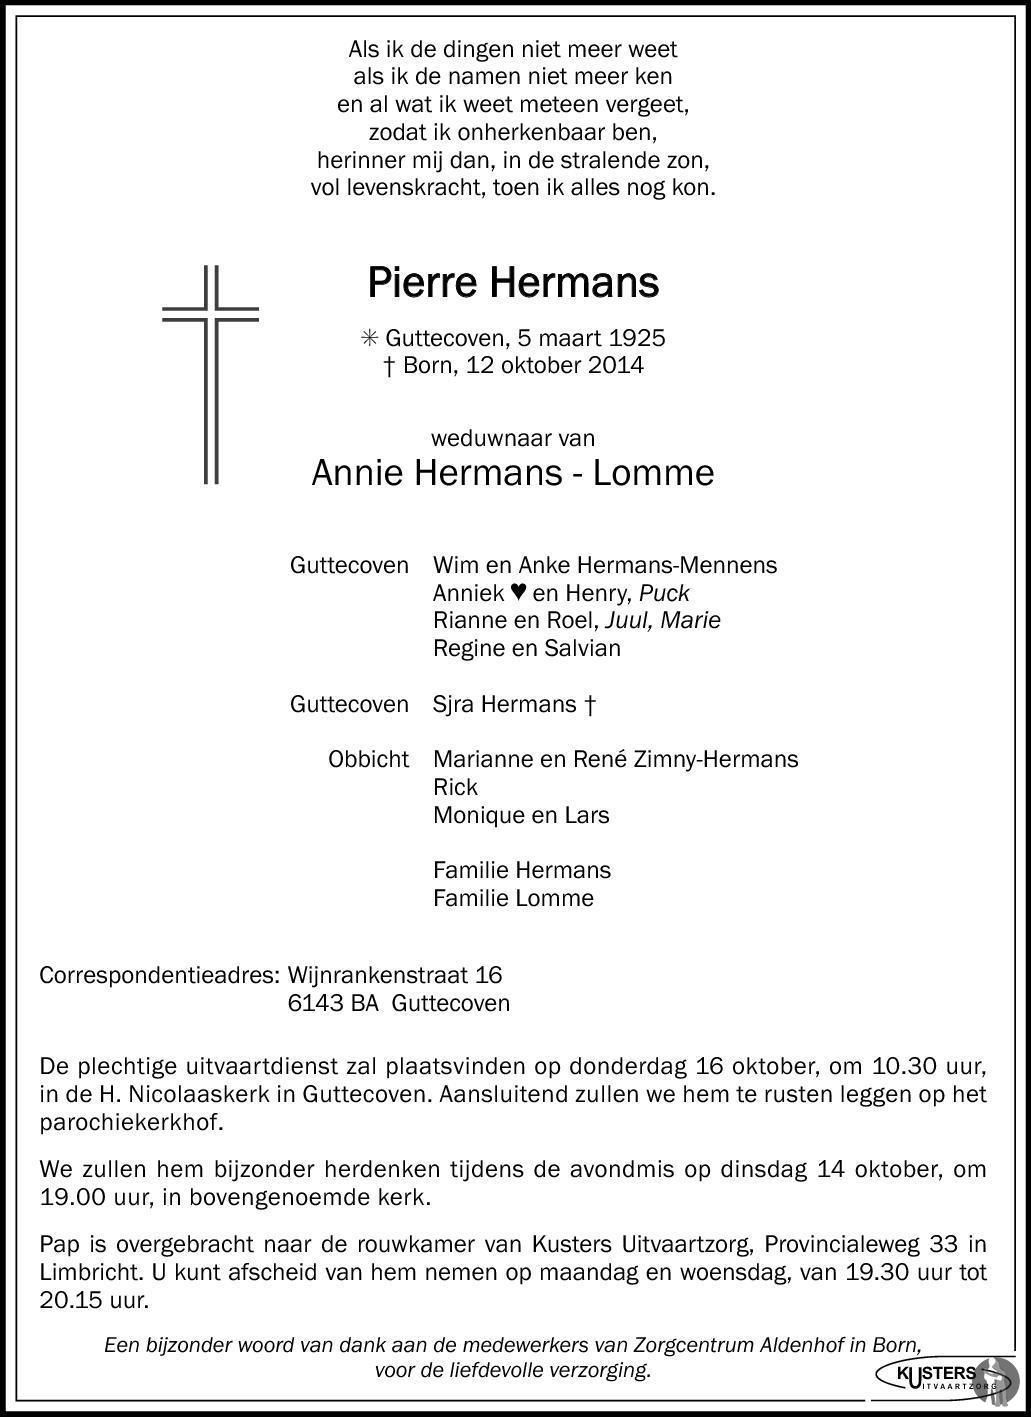 Pierre Hermans 12-10-2014 overlijdensbericht en ...